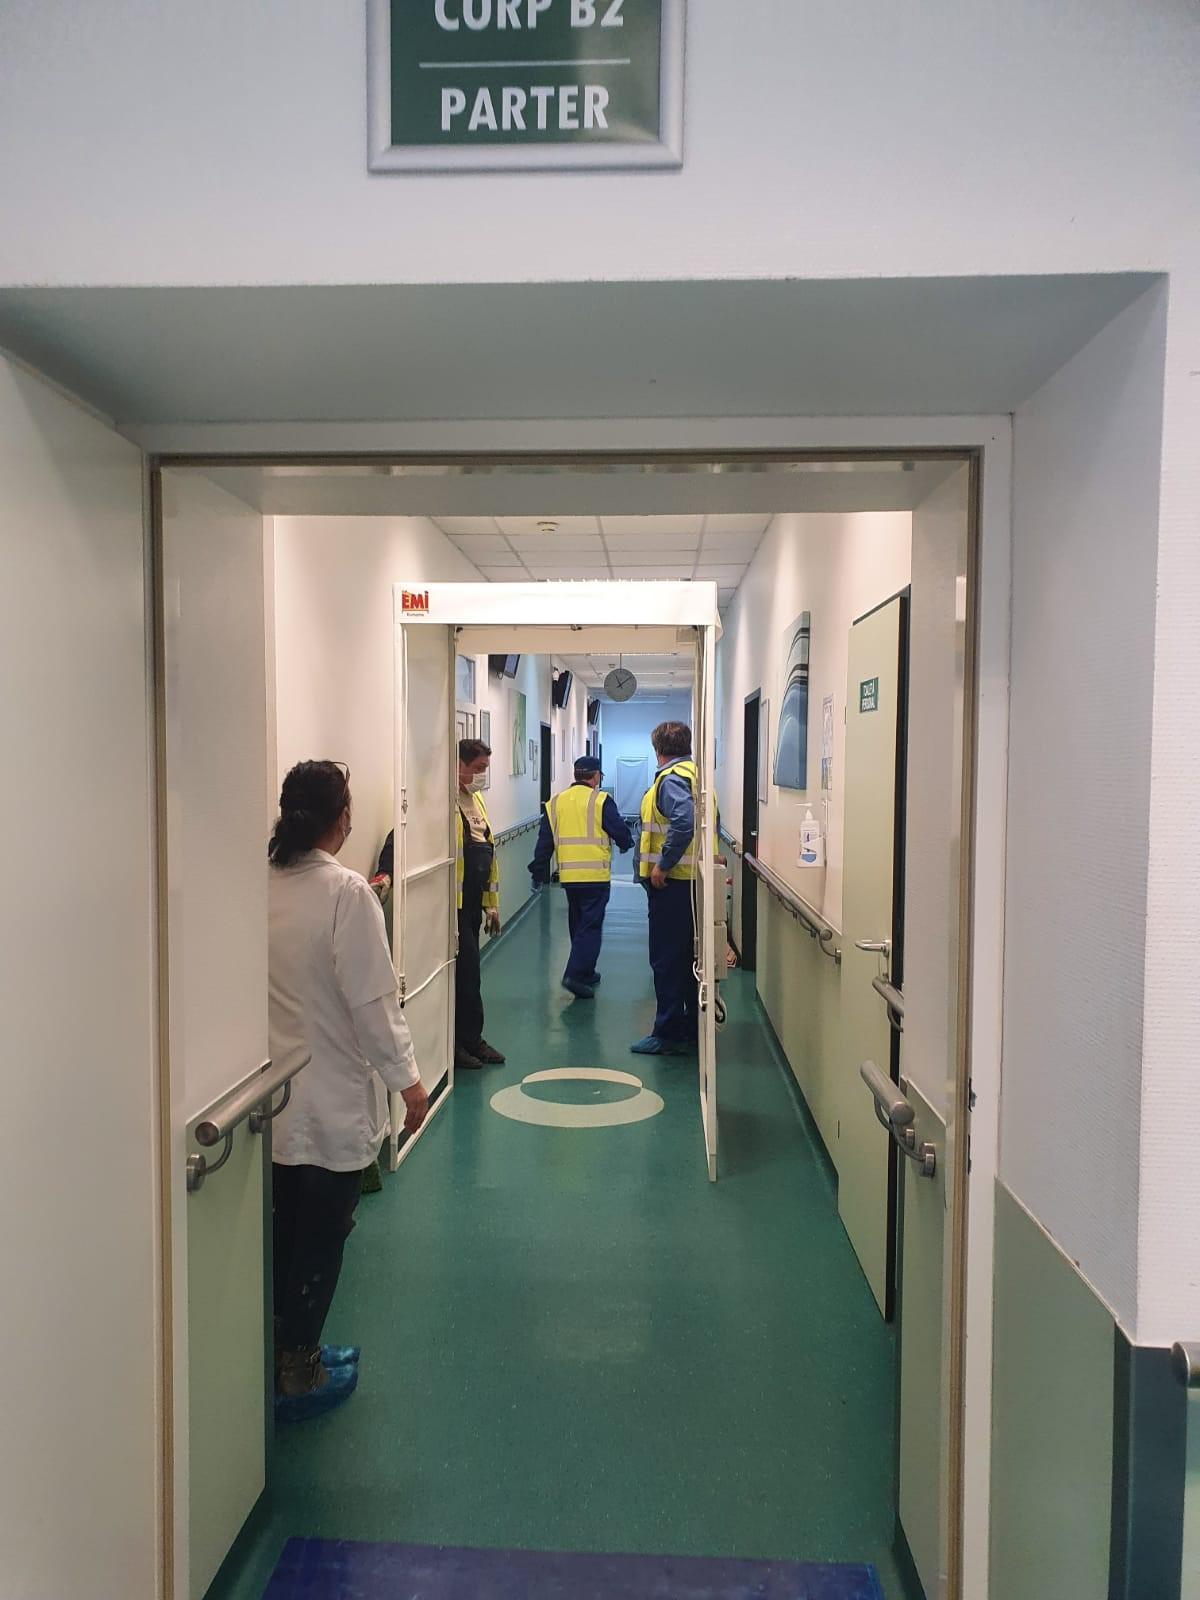 Firma care a construit uși la Cernobîl construiește porți de dezinfectare